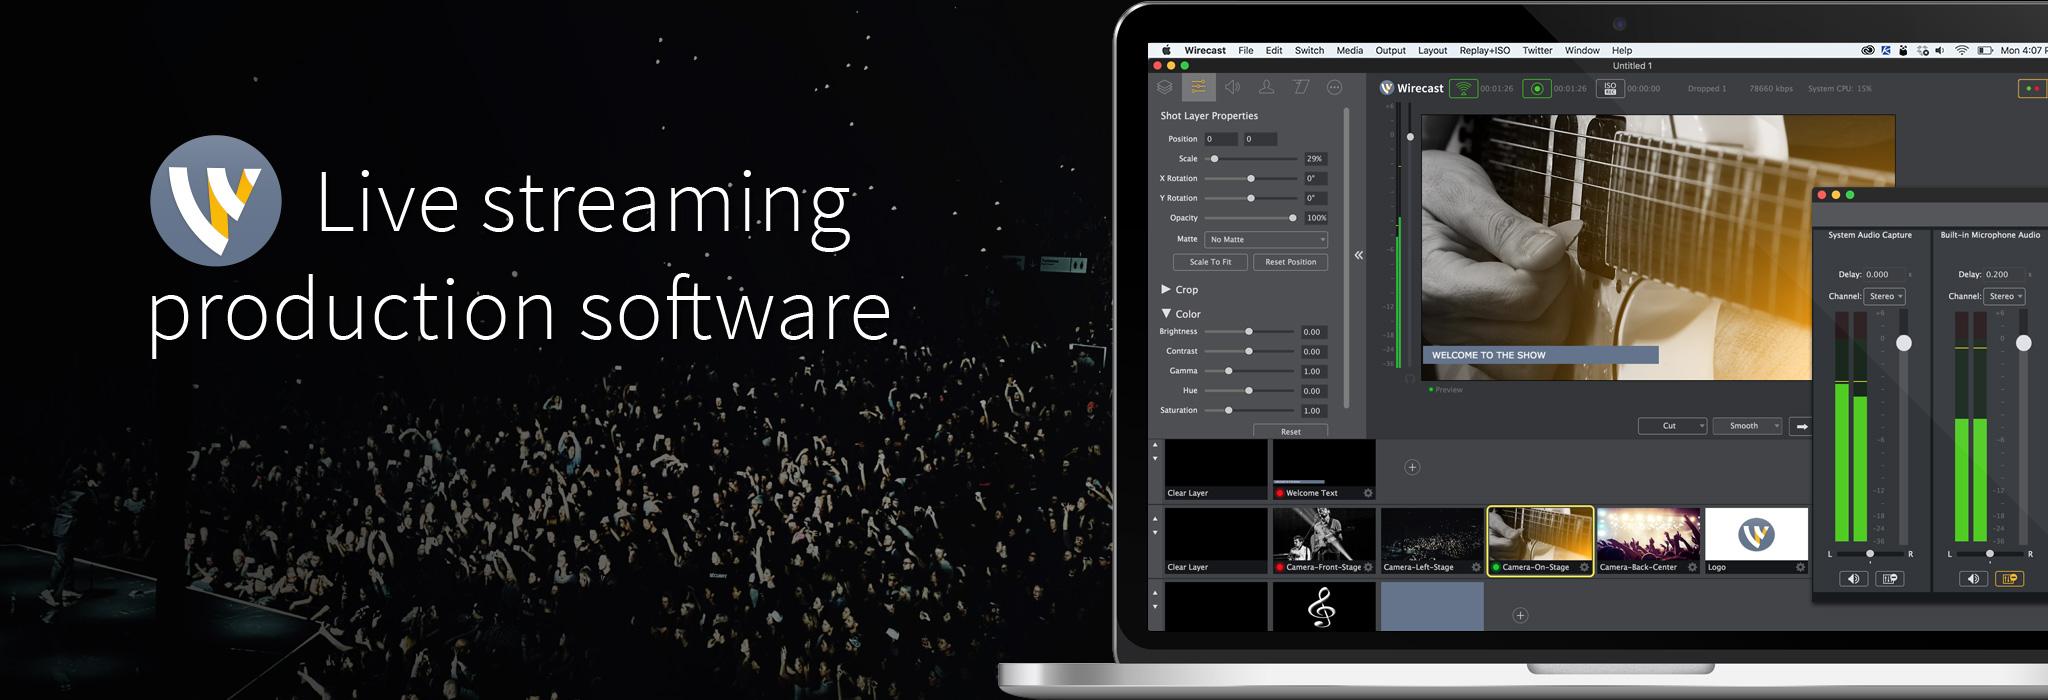 Wirecast Pro Mac 破解版 专业摄像直播视频工具-麦氪派(WaitsUn.com | 爱情守望者)